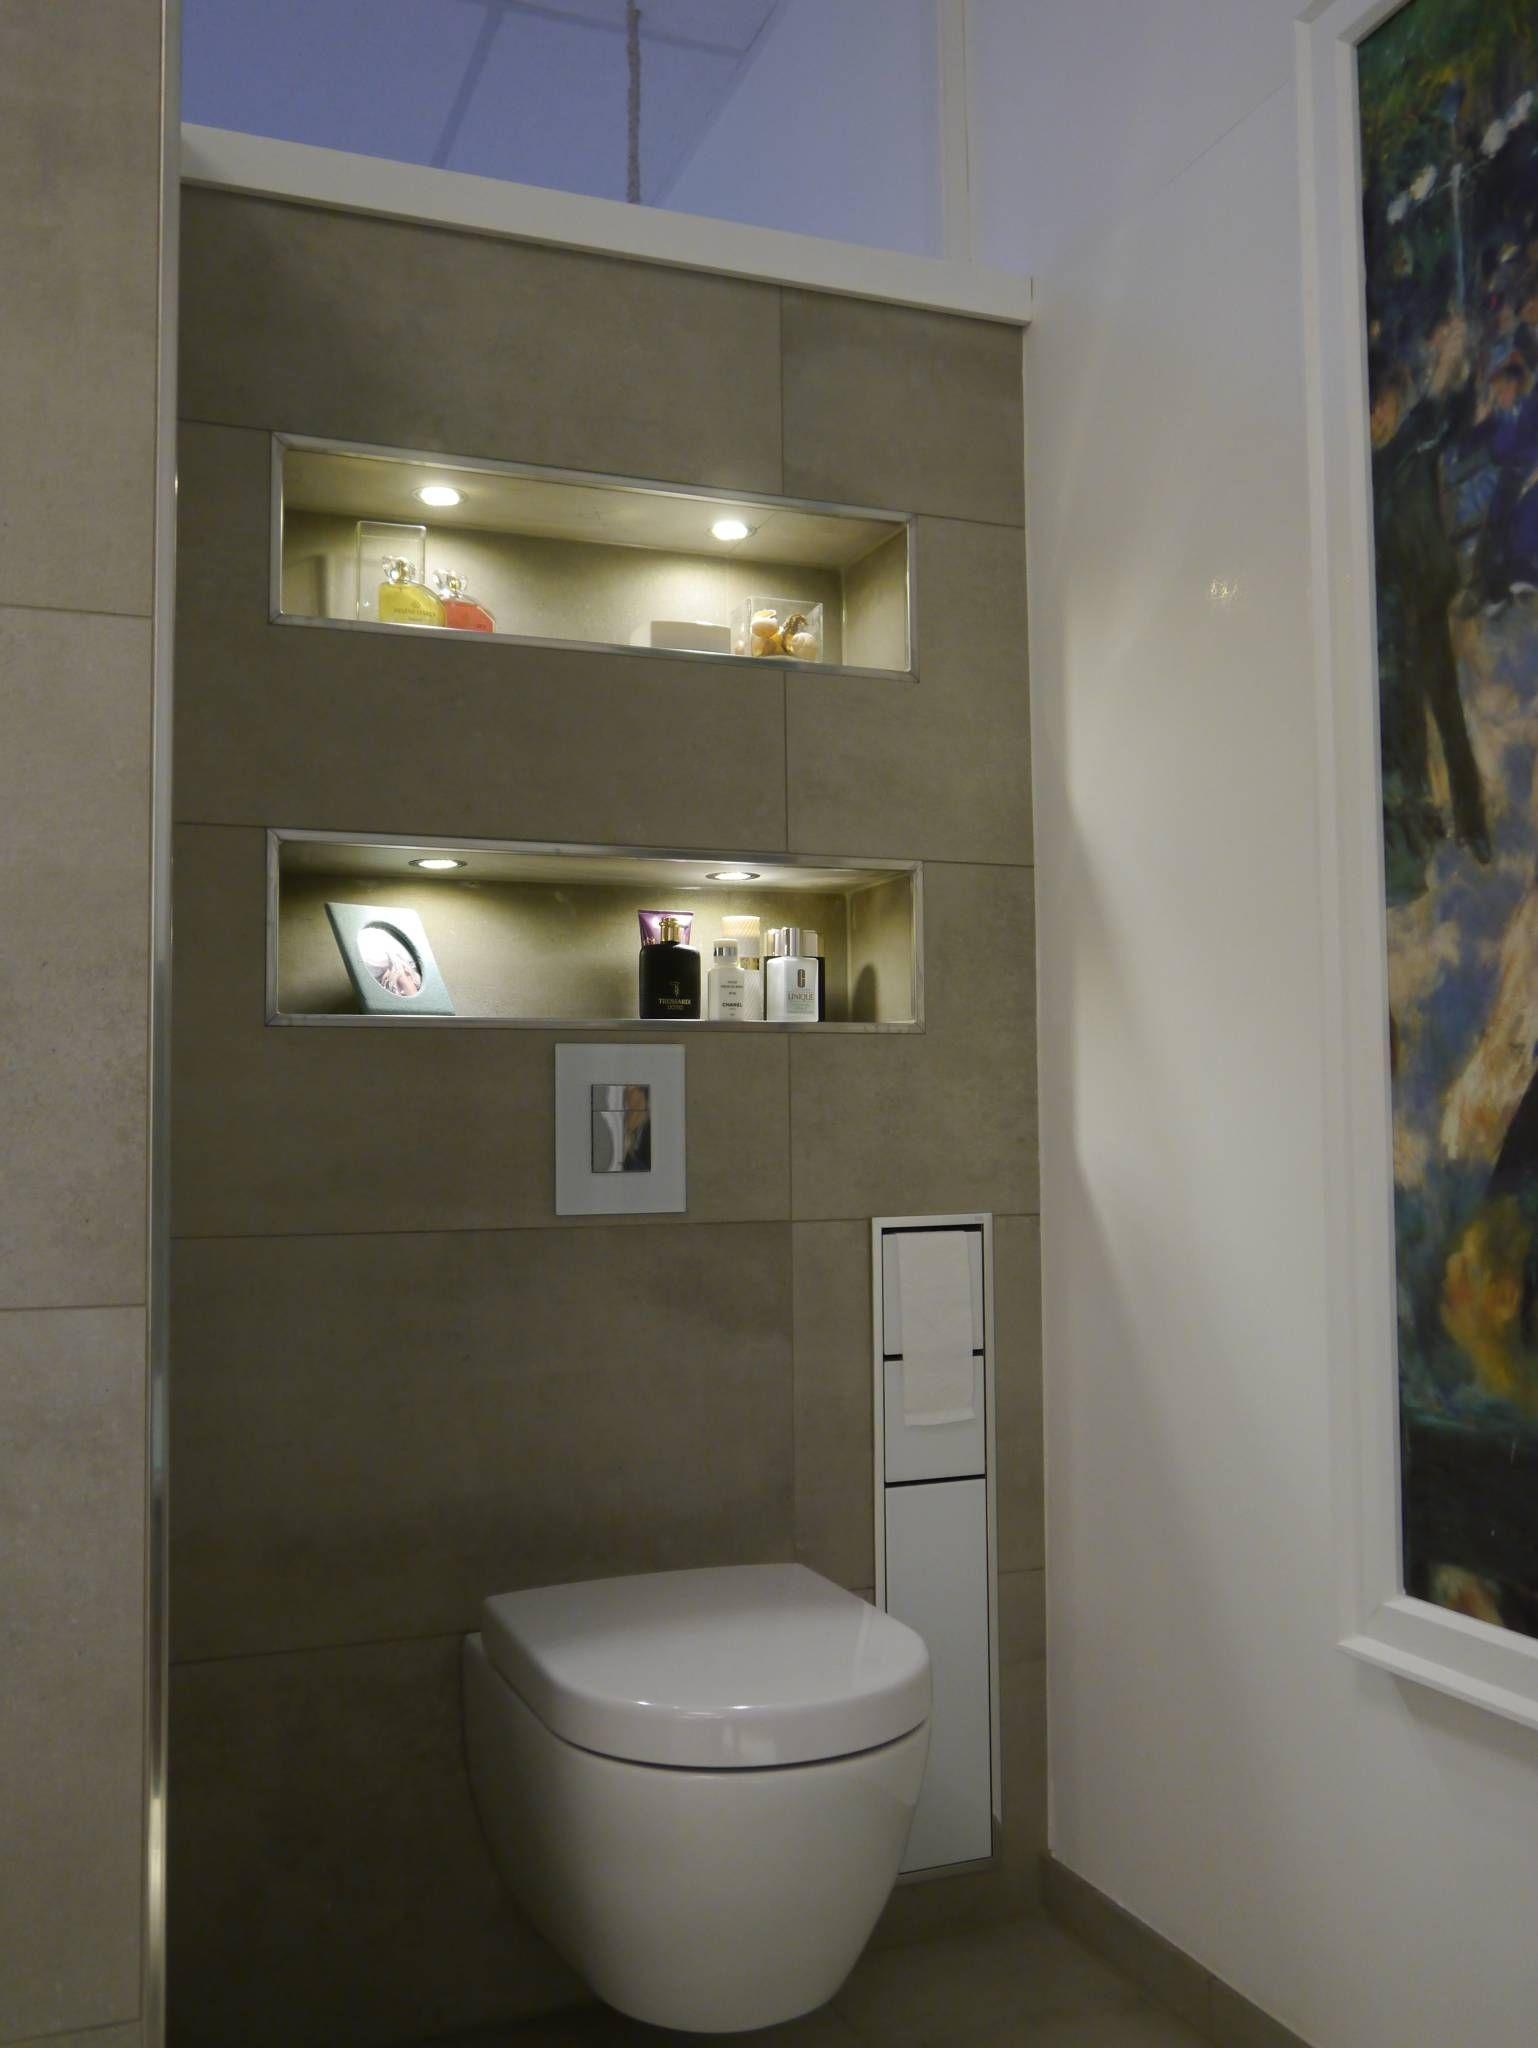 wohnideen interior design einrichtungsideen bilder moderne badezimmer s hne und ausstellungen. Black Bedroom Furniture Sets. Home Design Ideas